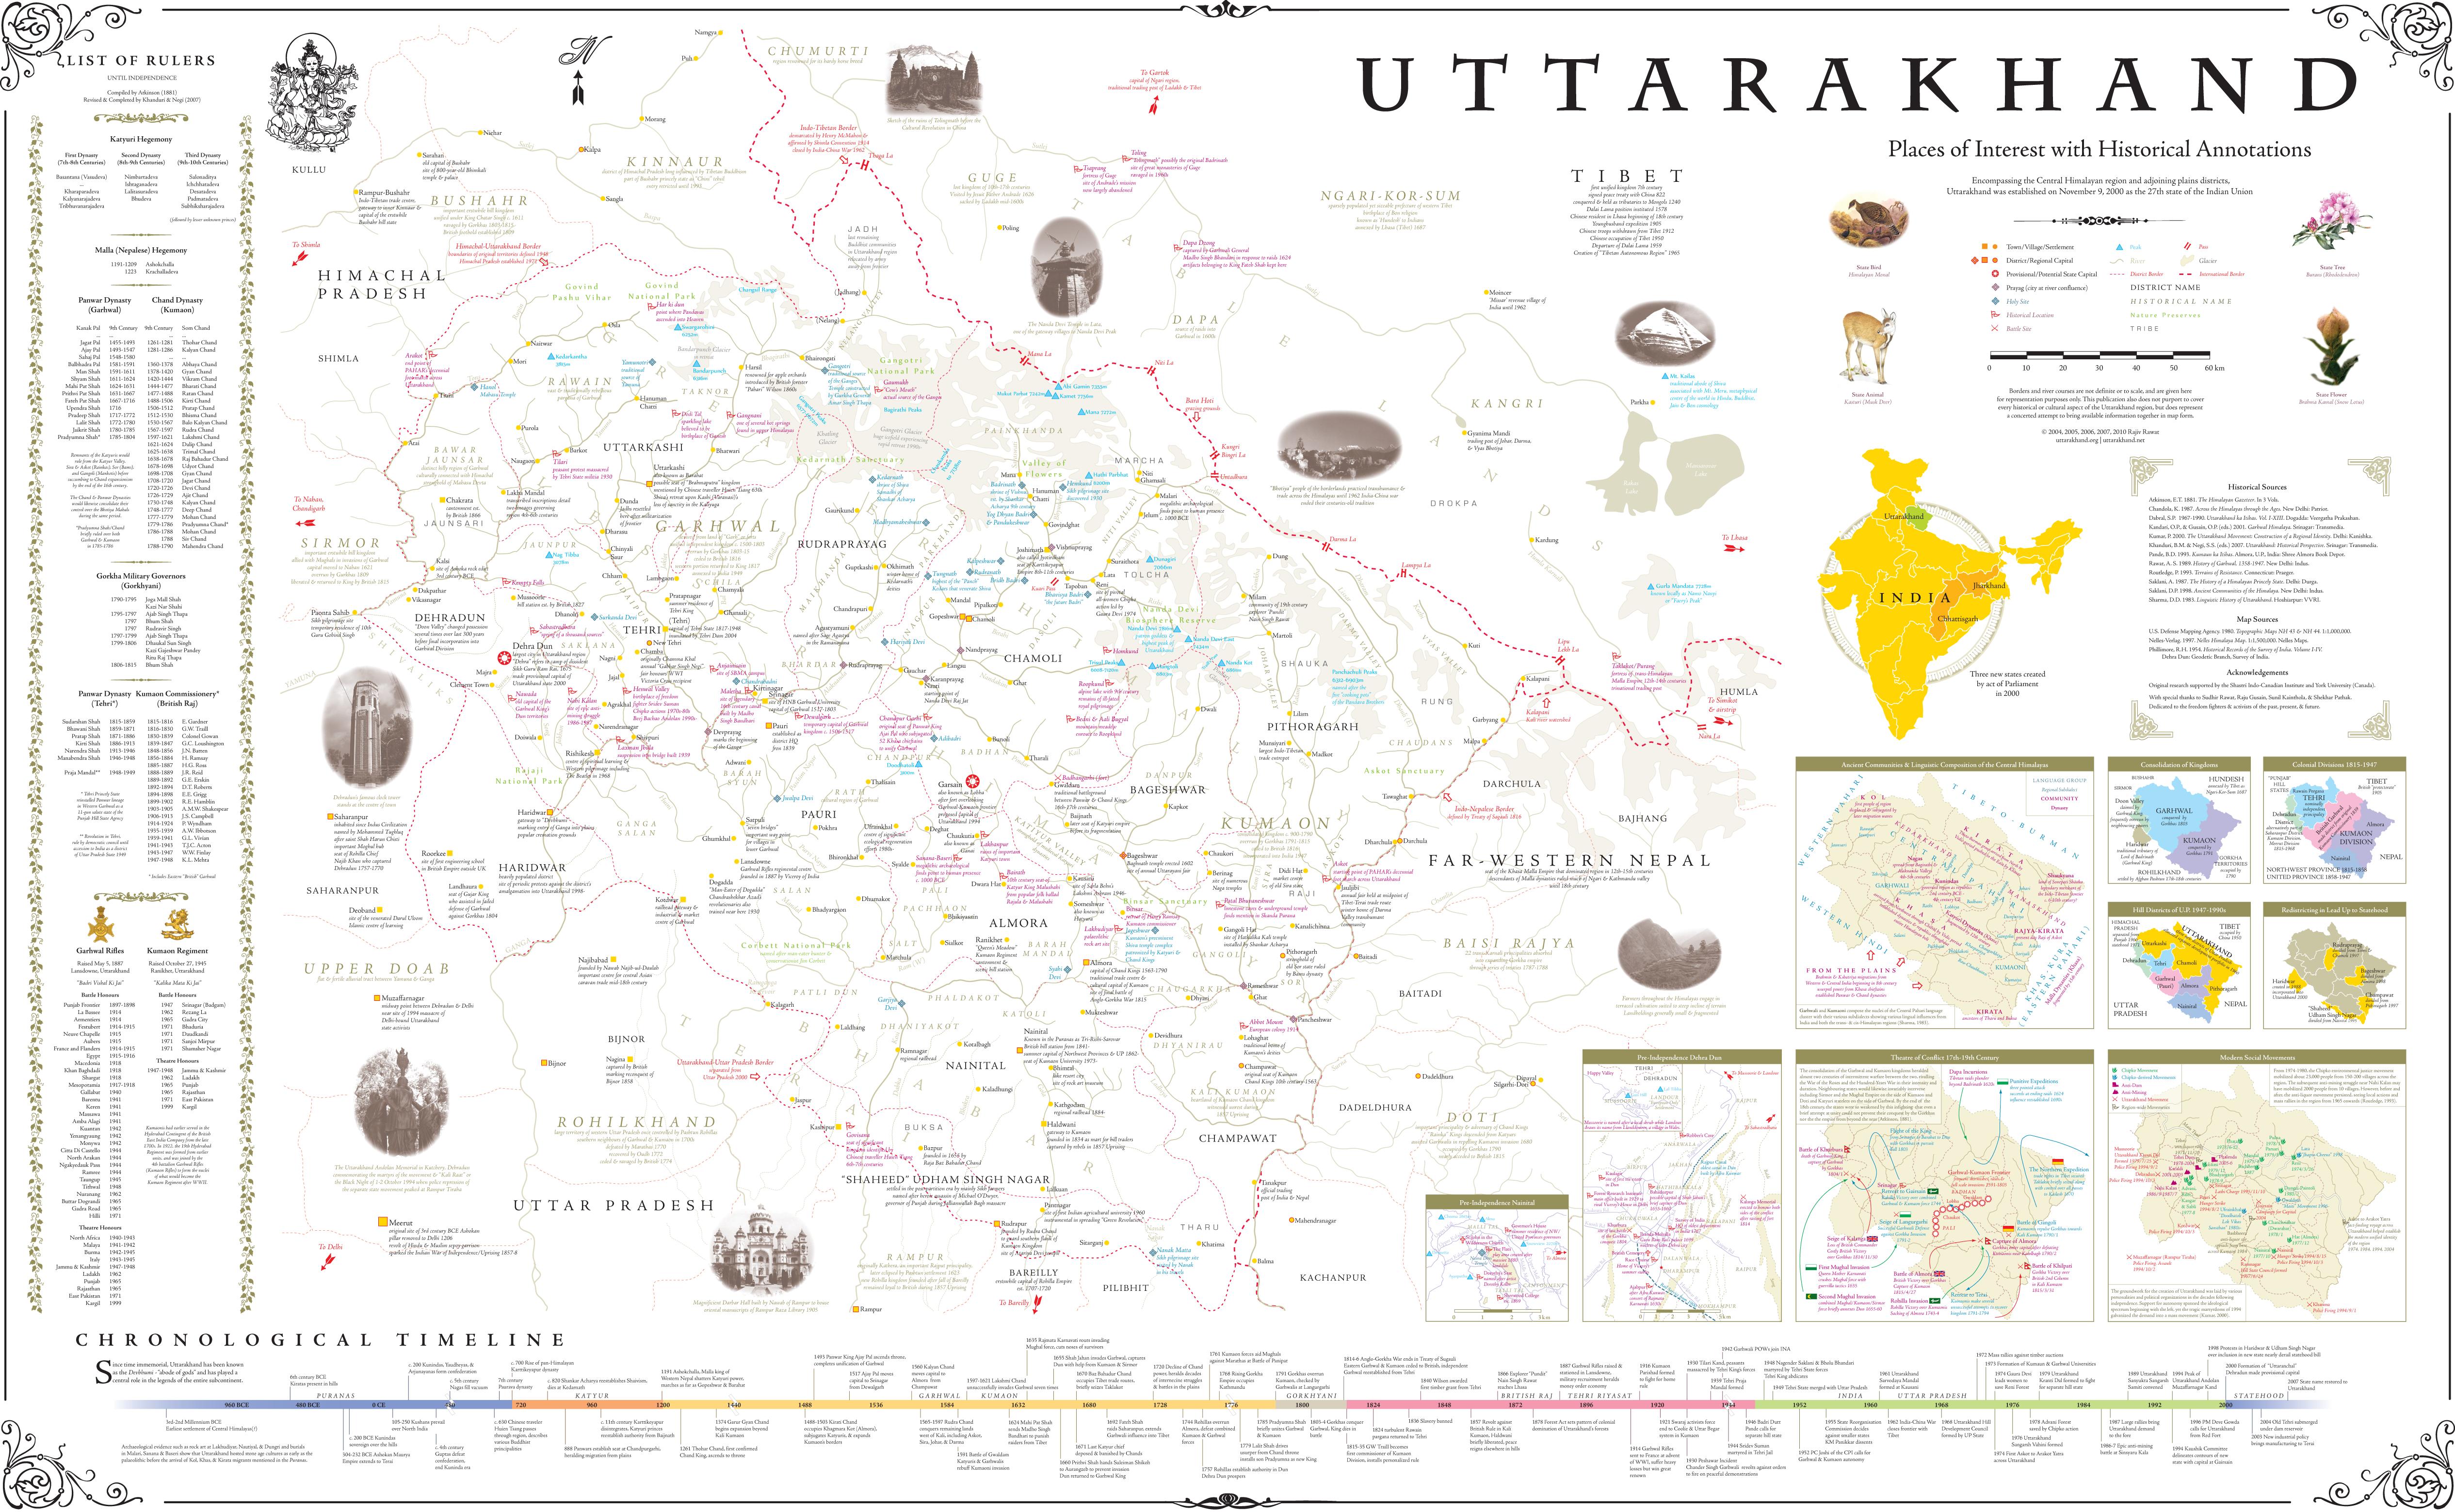 Copyright   169  1997-2012 Uttarakhand Solidarity Network  All rights    Uttarakhand Map 2012